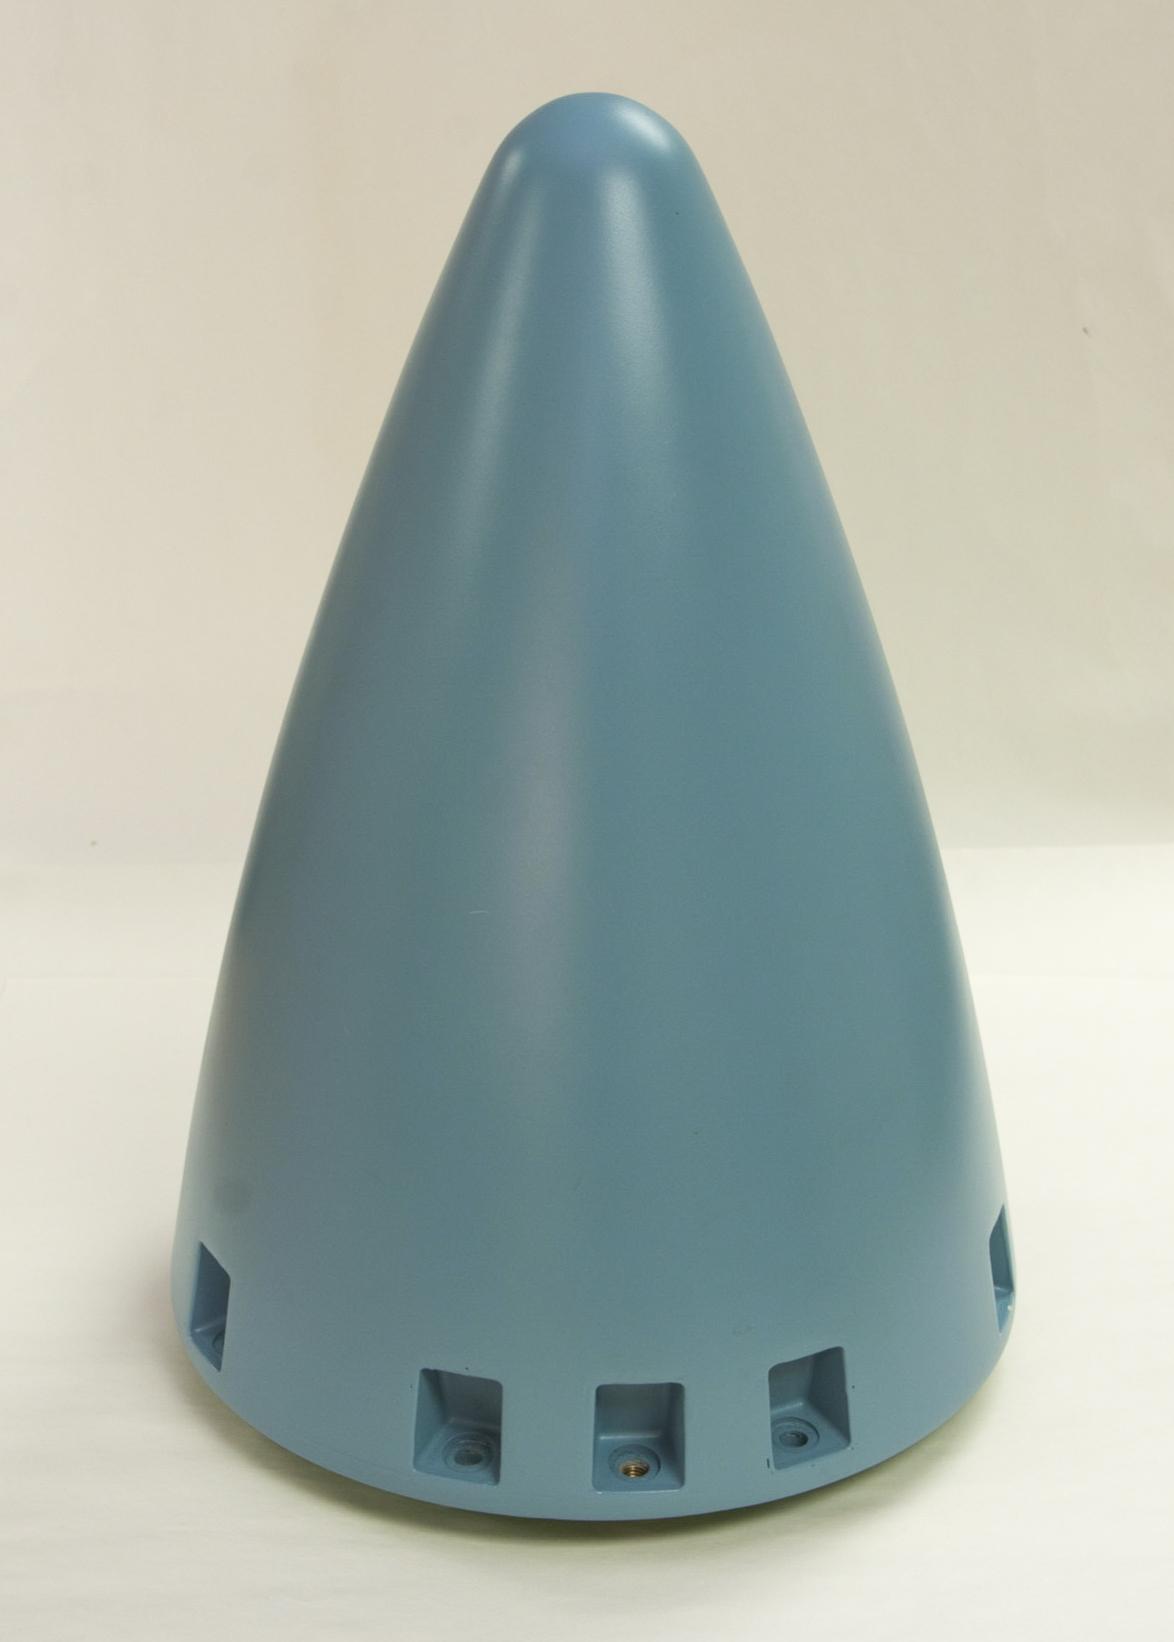 Low Signature Submarine Radome SK-0012-0010